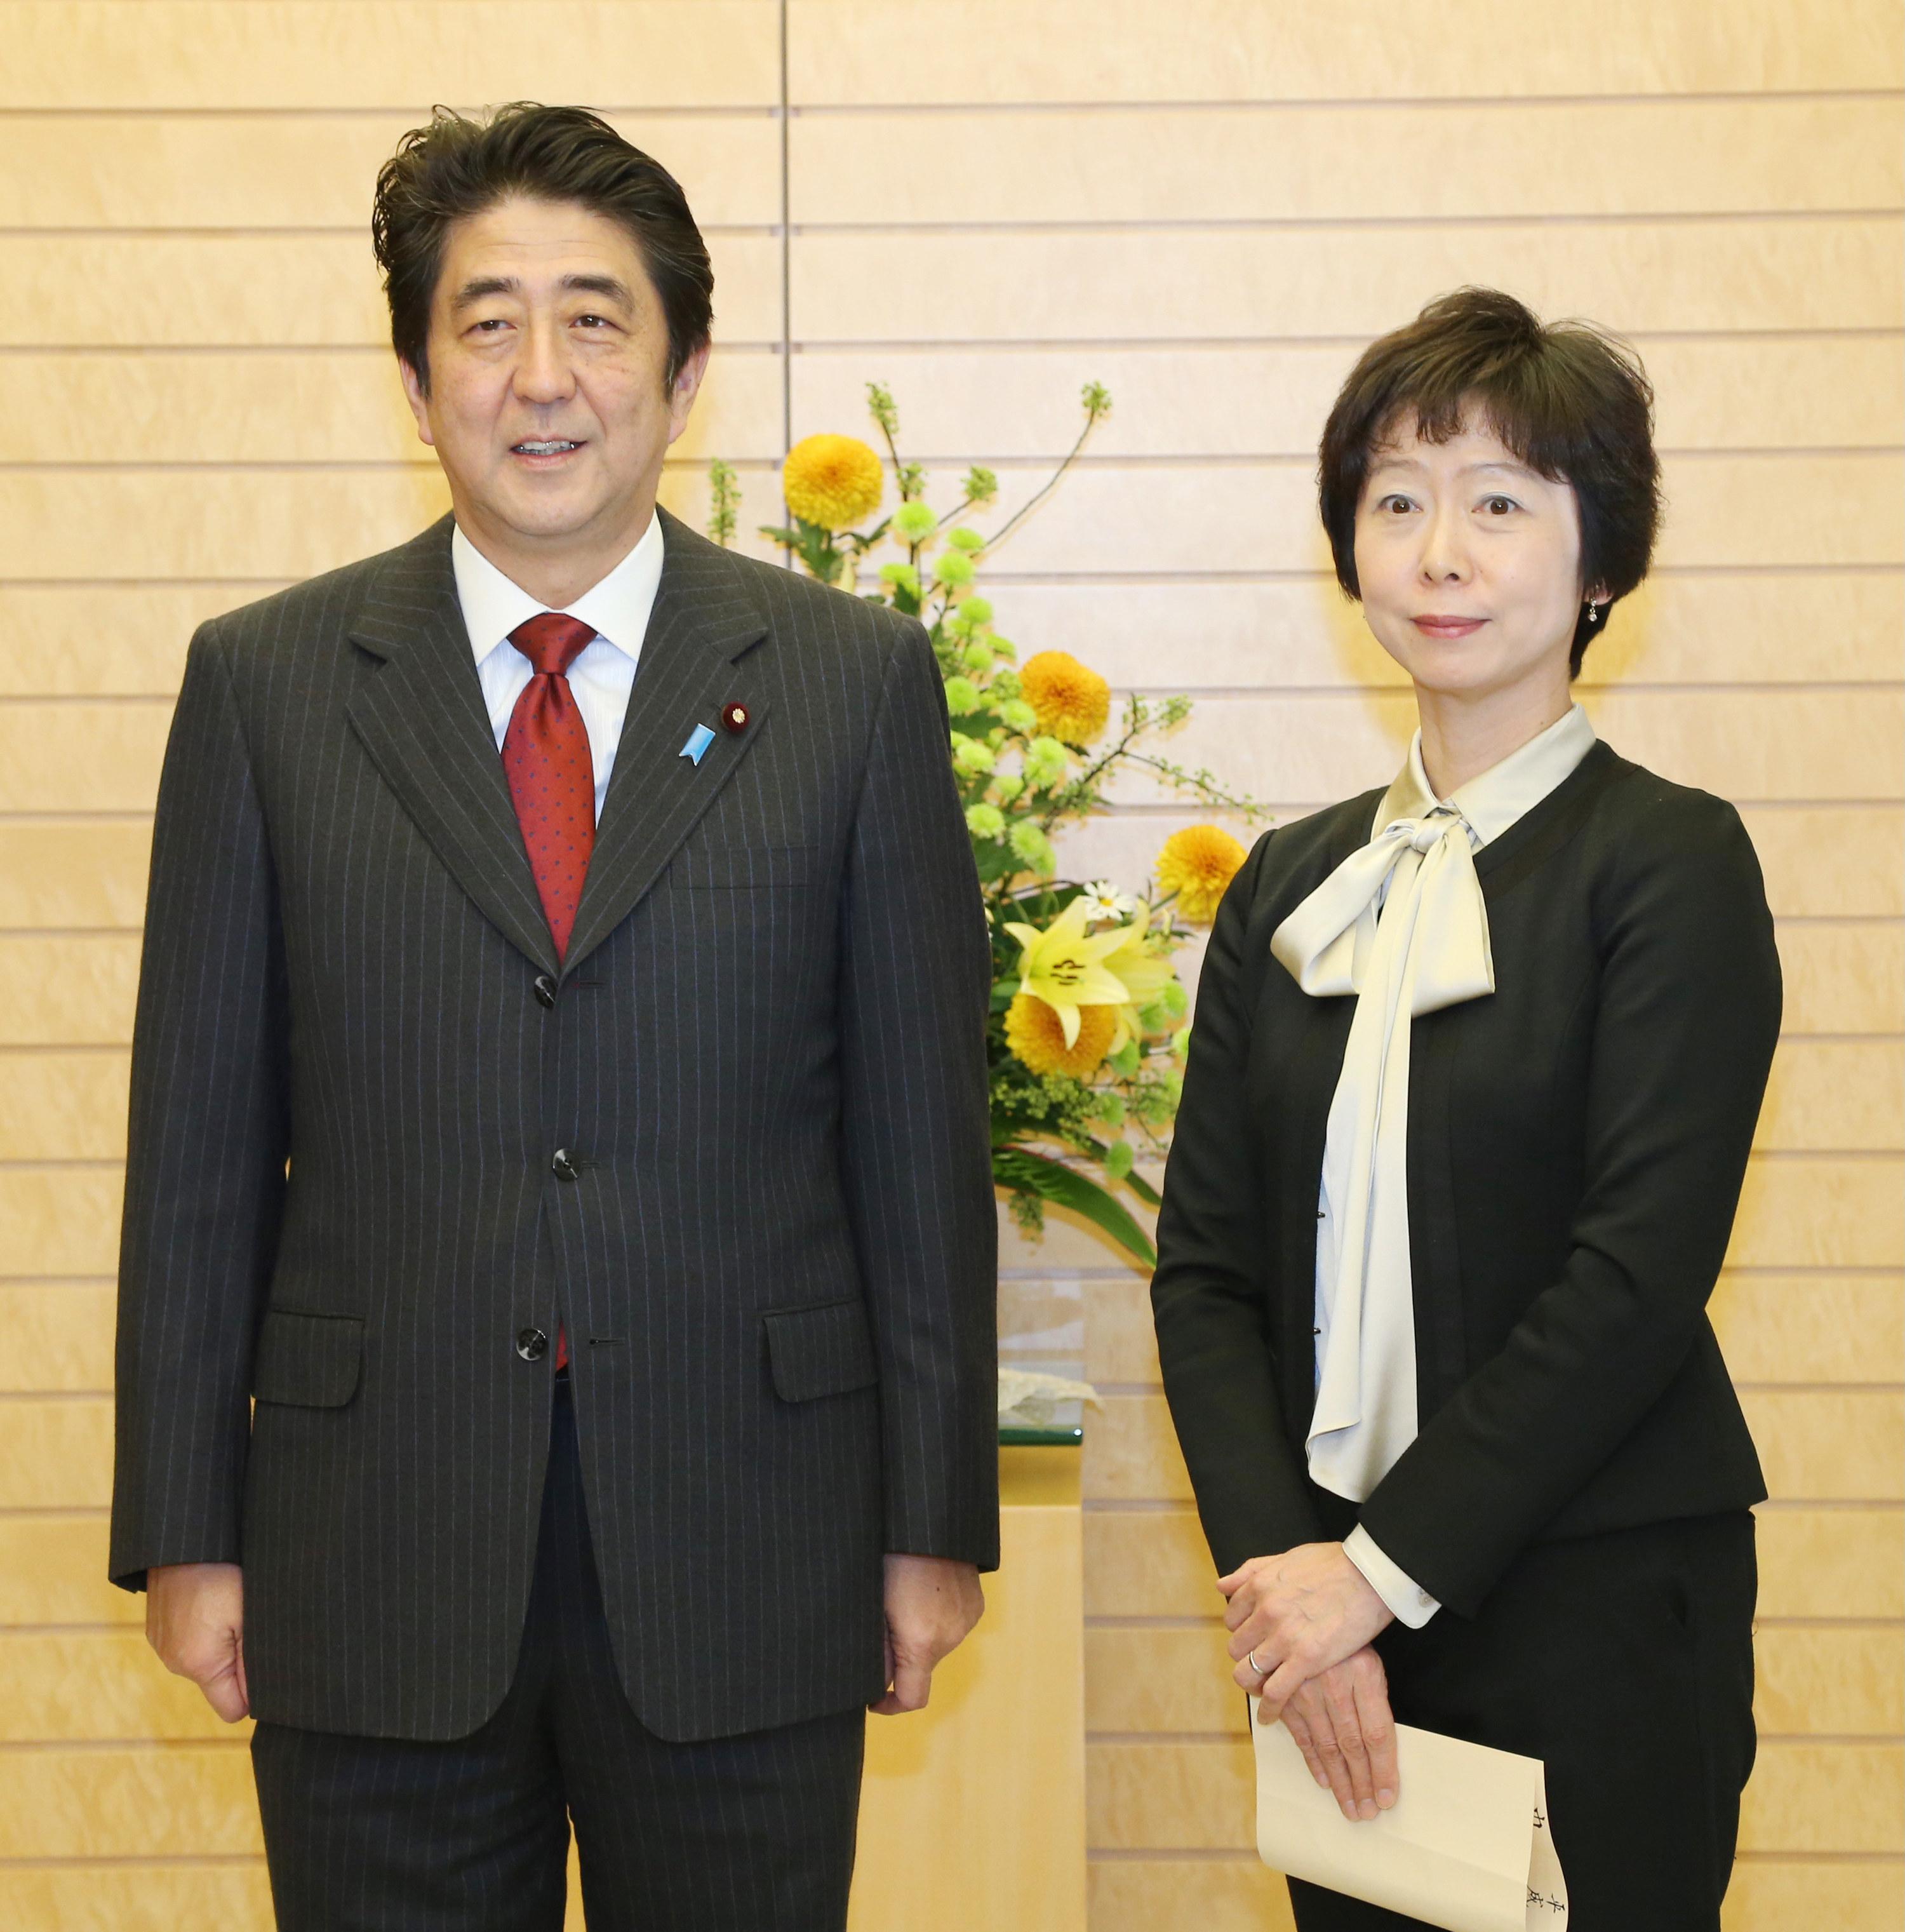 菅新首相が初めて会見、司会の女性は誰? 安倍政権との「違い」とは